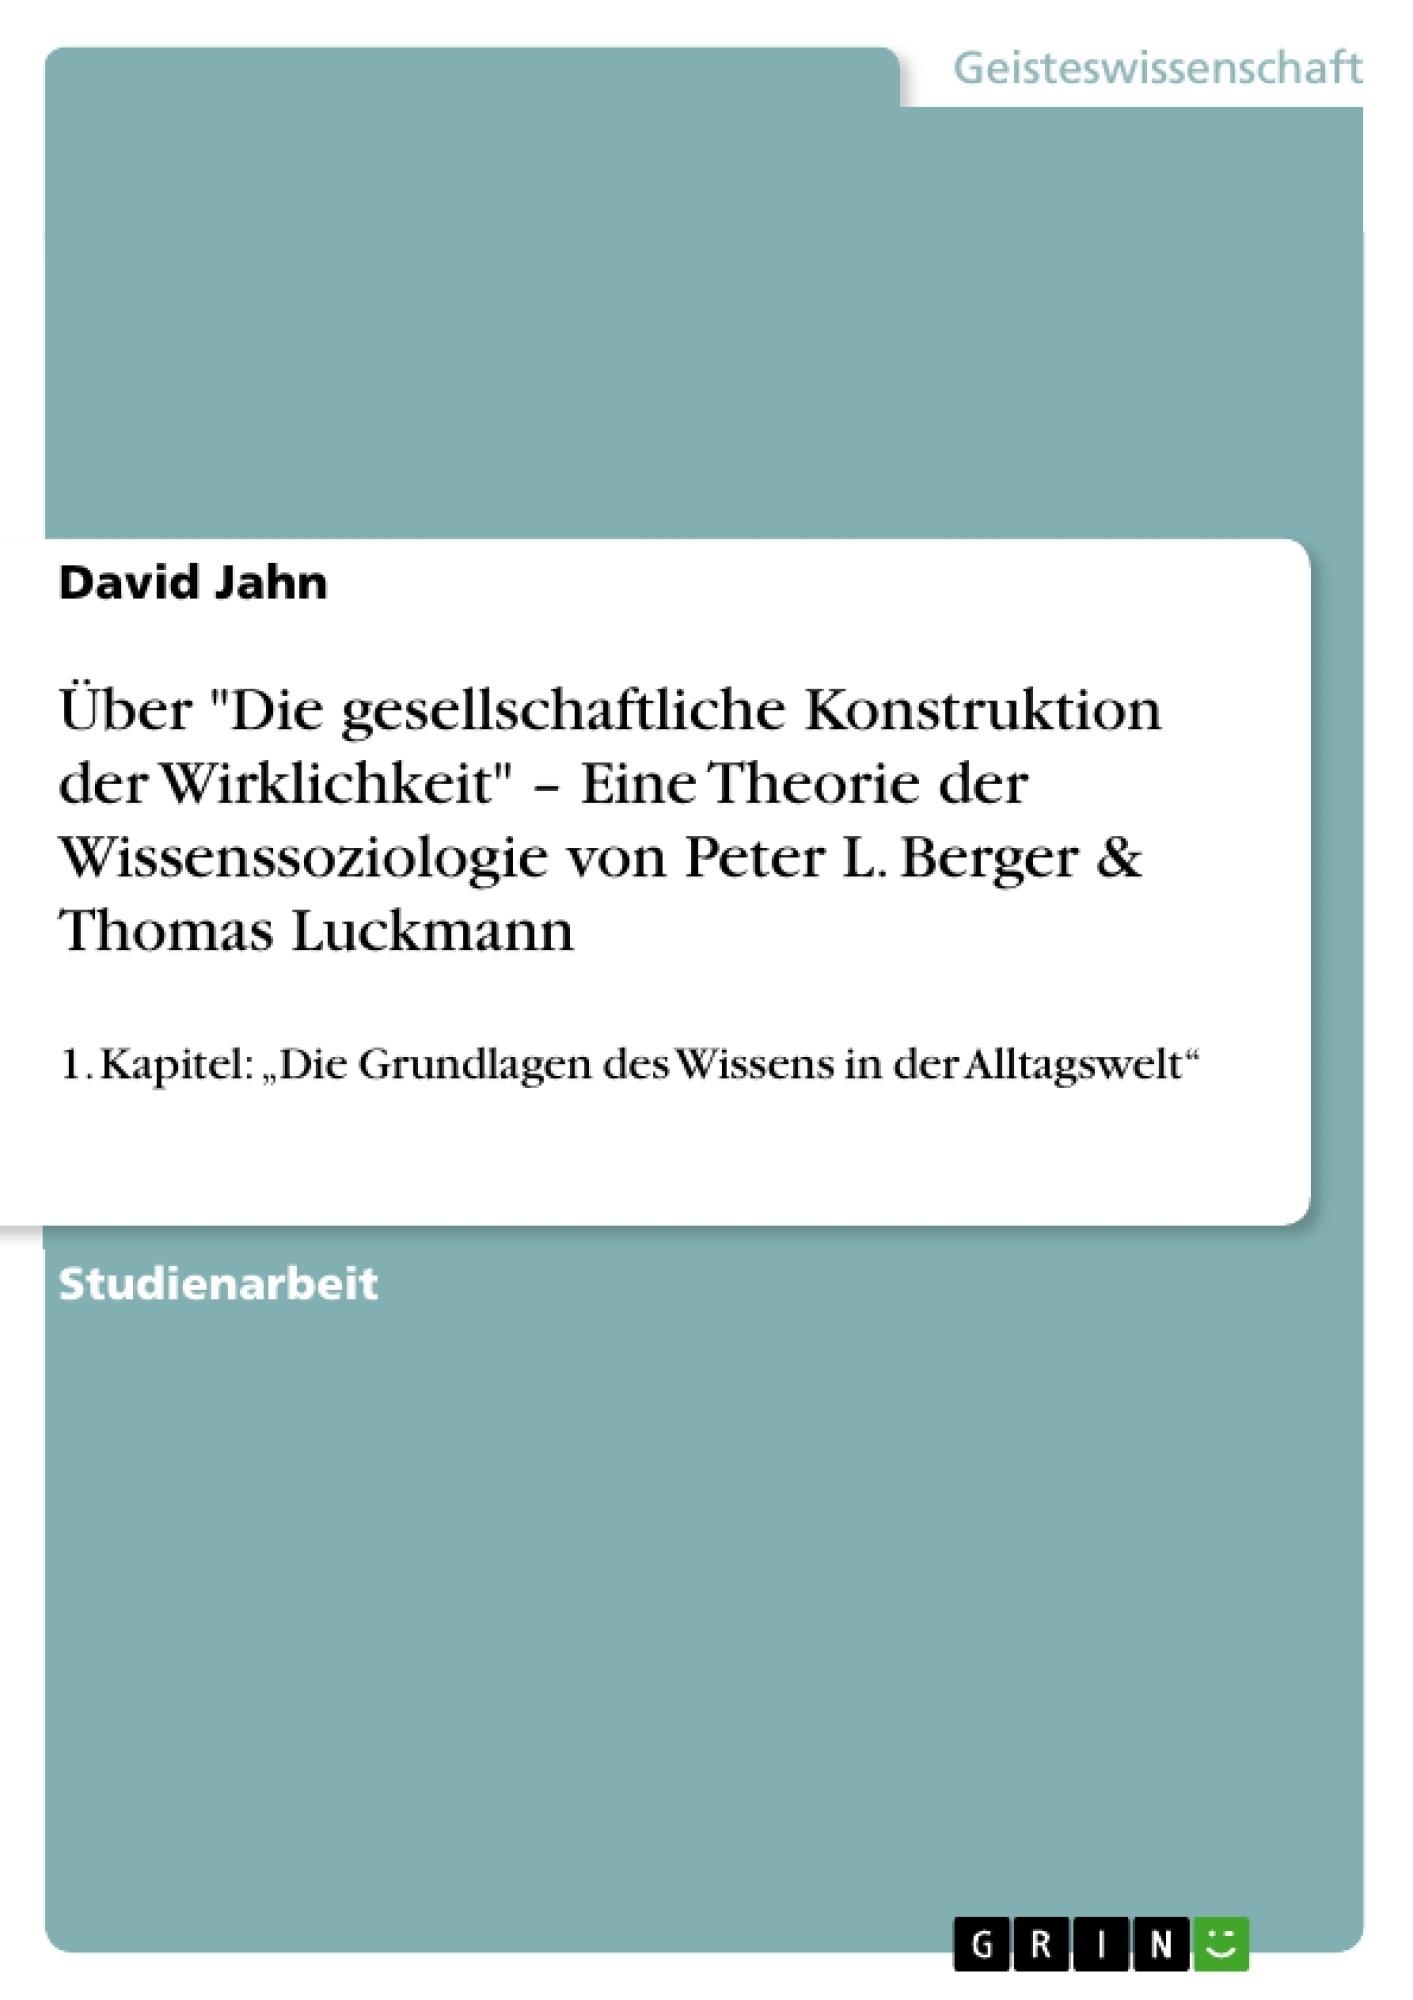 """Titel: Über """"Die gesellschaftliche Konstruktion der Wirklichkeit"""" – Eine Theorie der Wissenssoziologie von Peter L. Berger & Thomas Luckmann"""